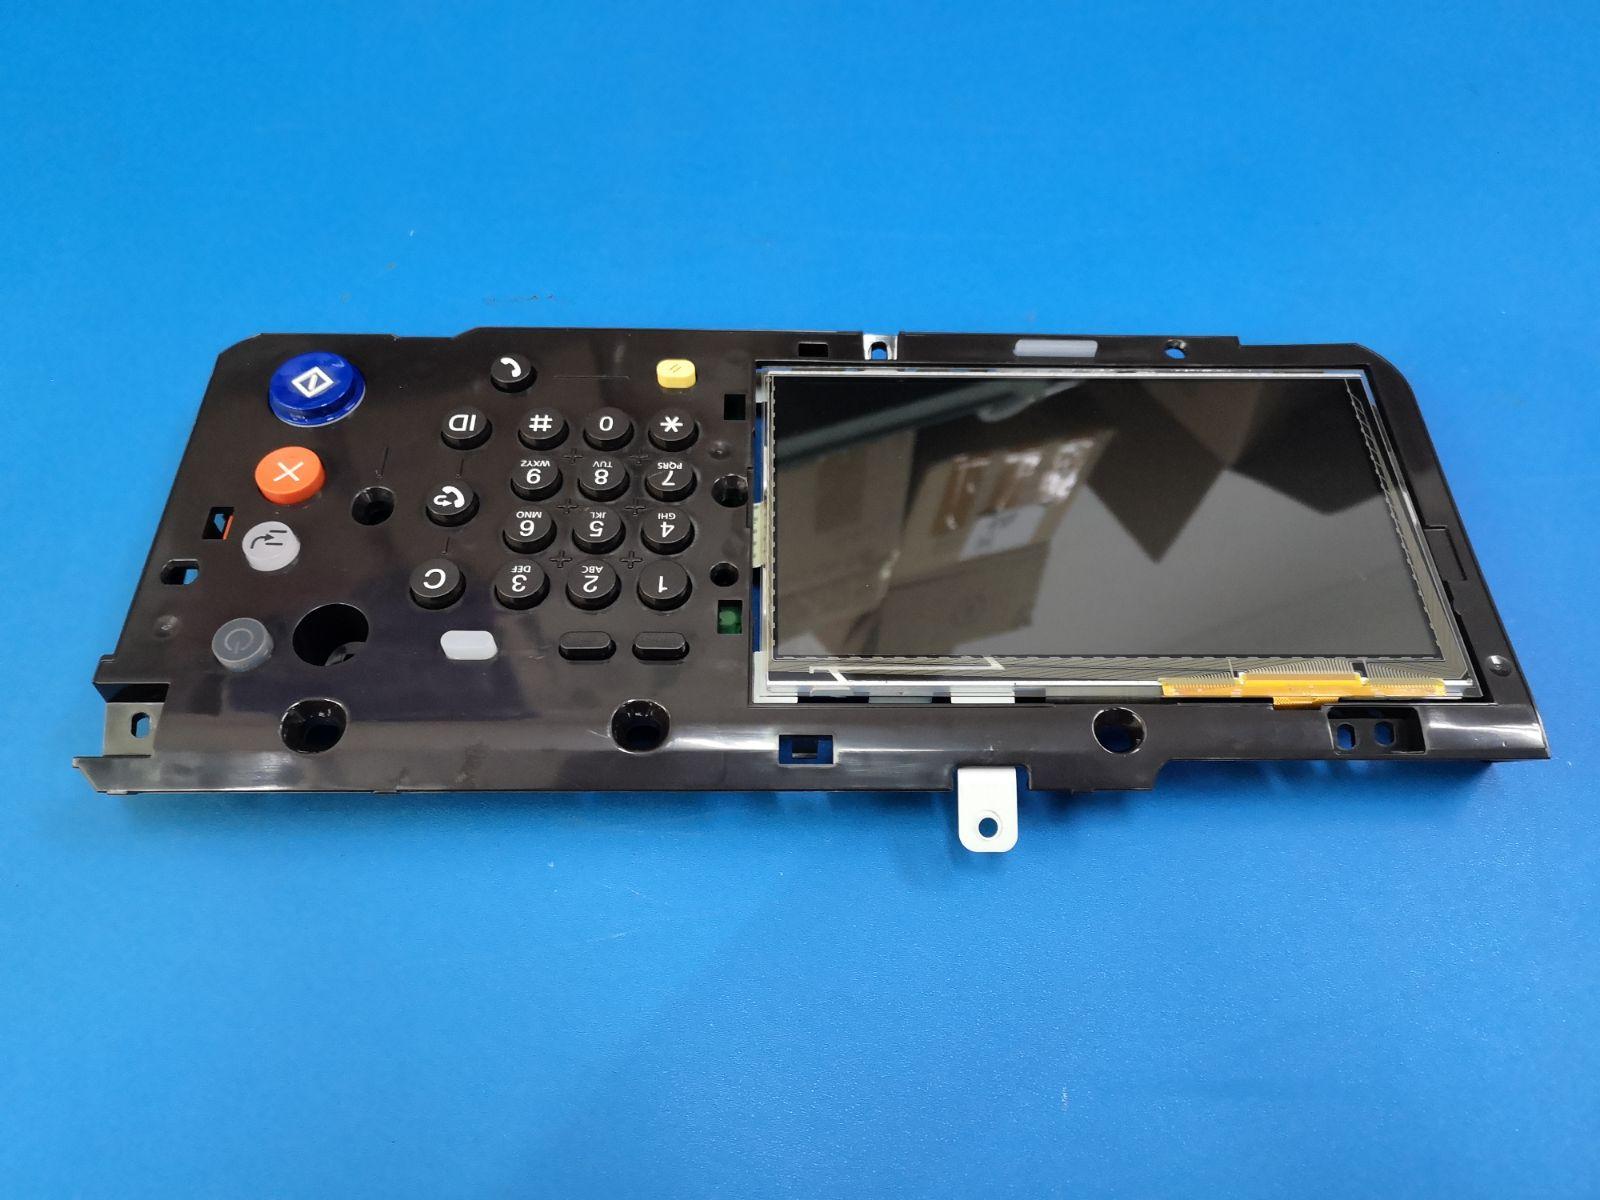 لوحة التحكم الجمعية لسامسونج M4080 C2680FX JC92-02809A K3300 K3250 x3220 x3280